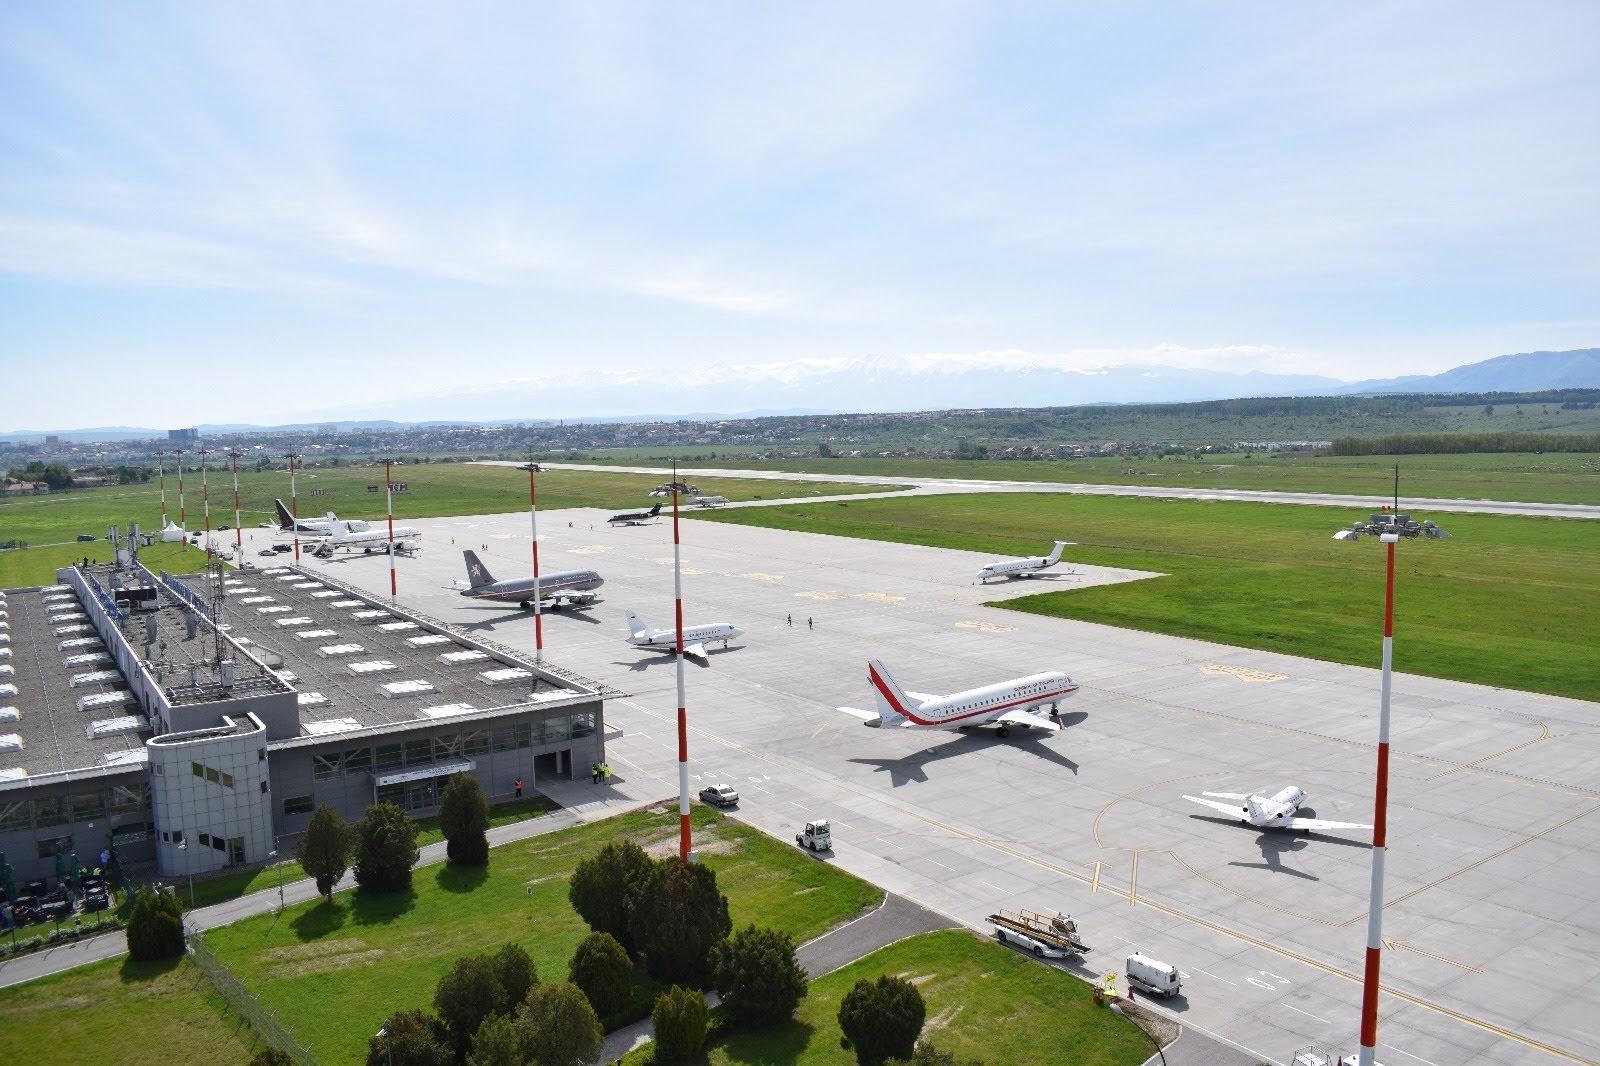 Consiliul Județean Sibiu a publicat anunțul pentru selecția celor 5 membri din cadrul Consiliului de Administrație al Aeroportului Internațional Sibiu R.A.